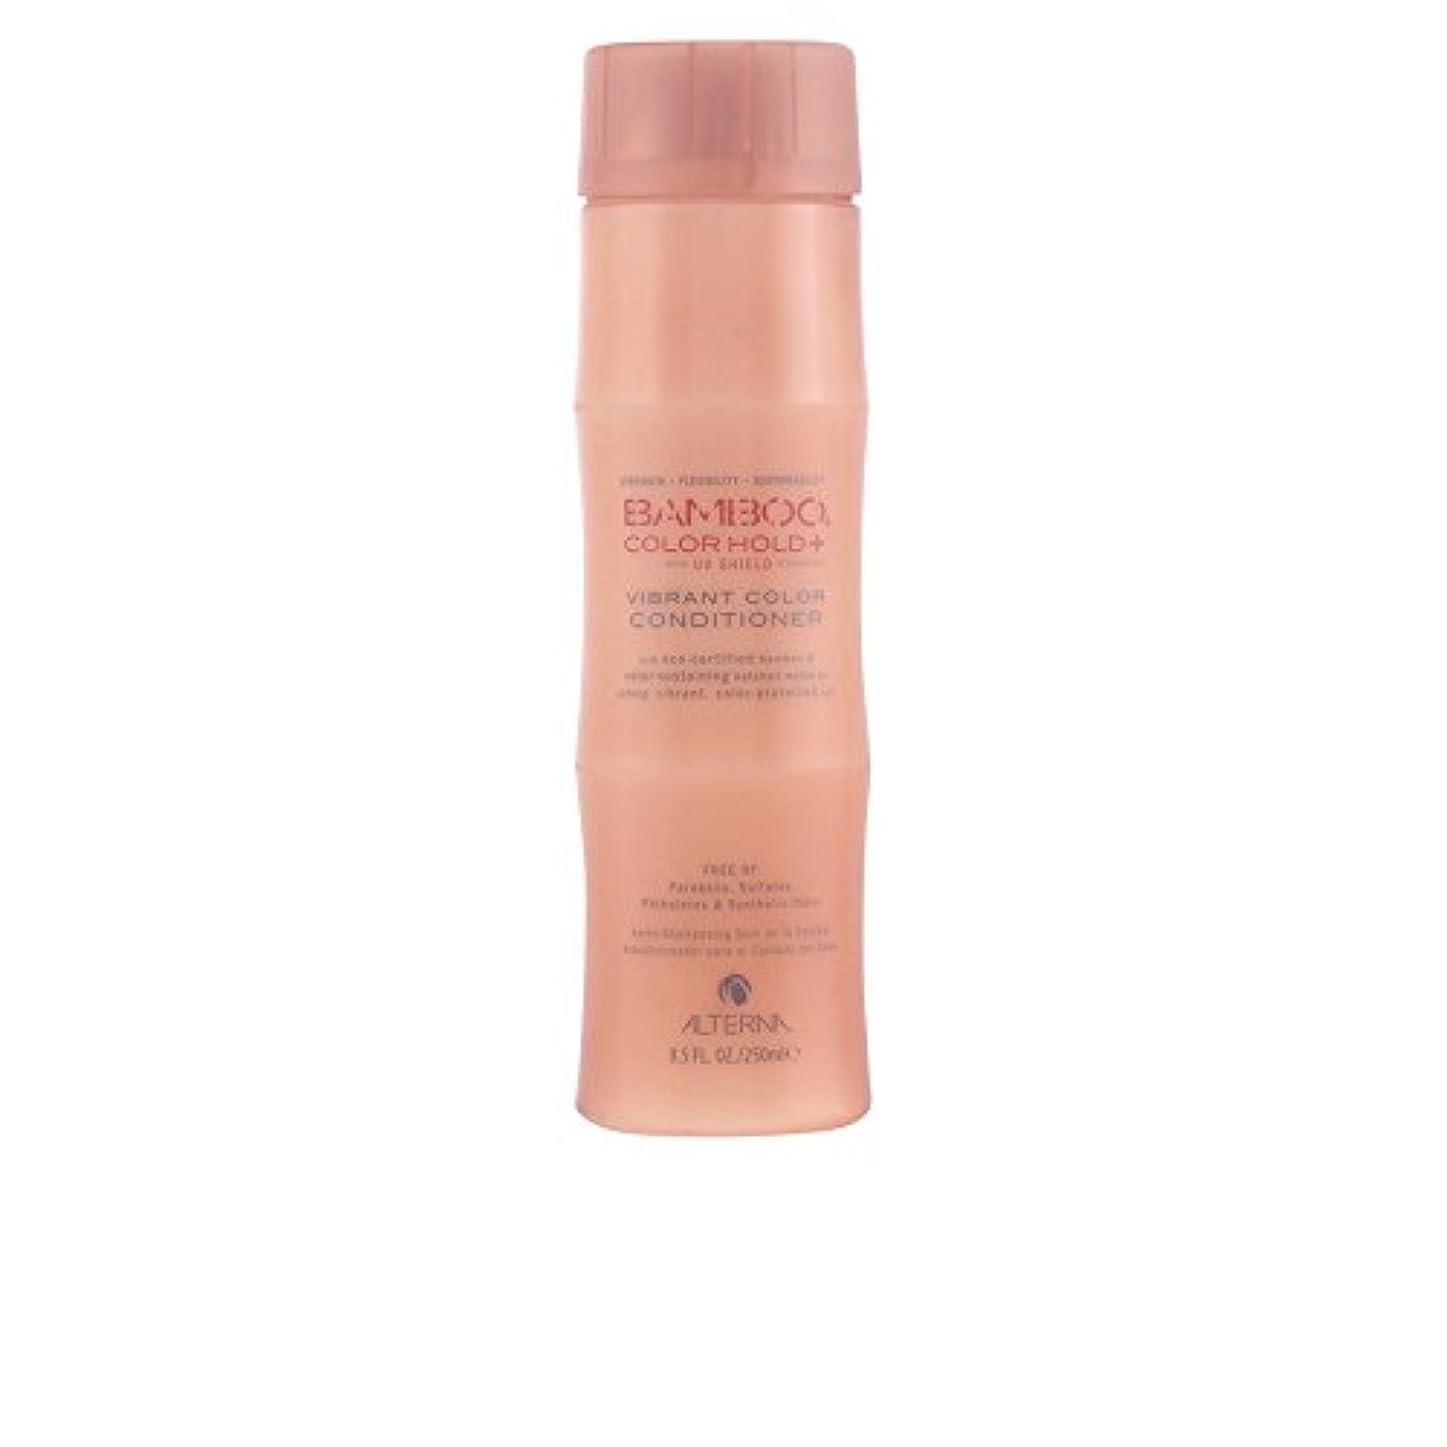 帝国主義用心ショートBamboo Color Hold+ Color Protection Vibrant Color Conditioner (For Strong Vibrant Color-Protected Hair) - 250ml...